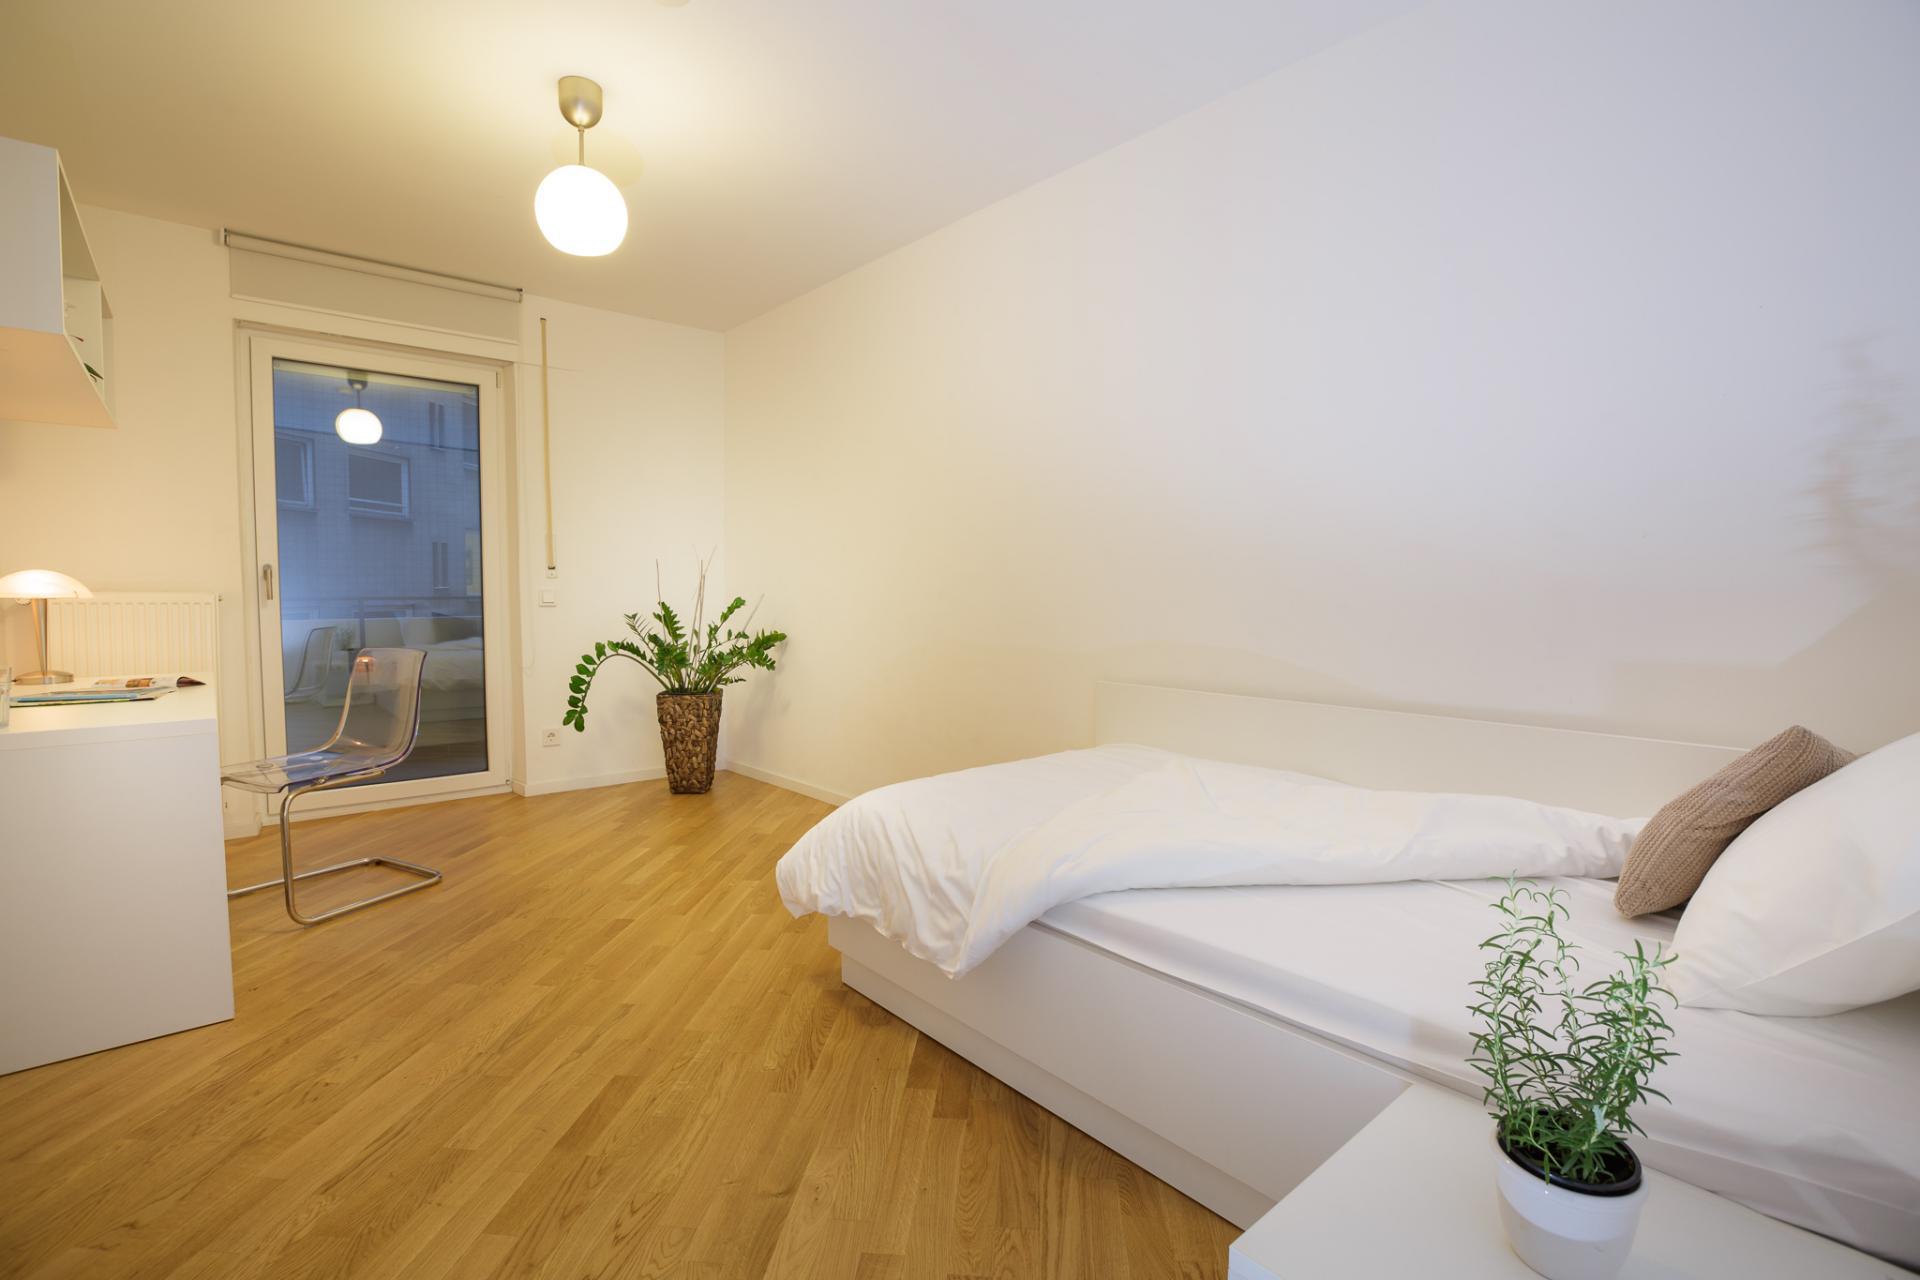 Single bed at Brera Am Plaerrer 2 ApartmentsBrera Am Plaerrer 2 Apartments - Citybase Apartments